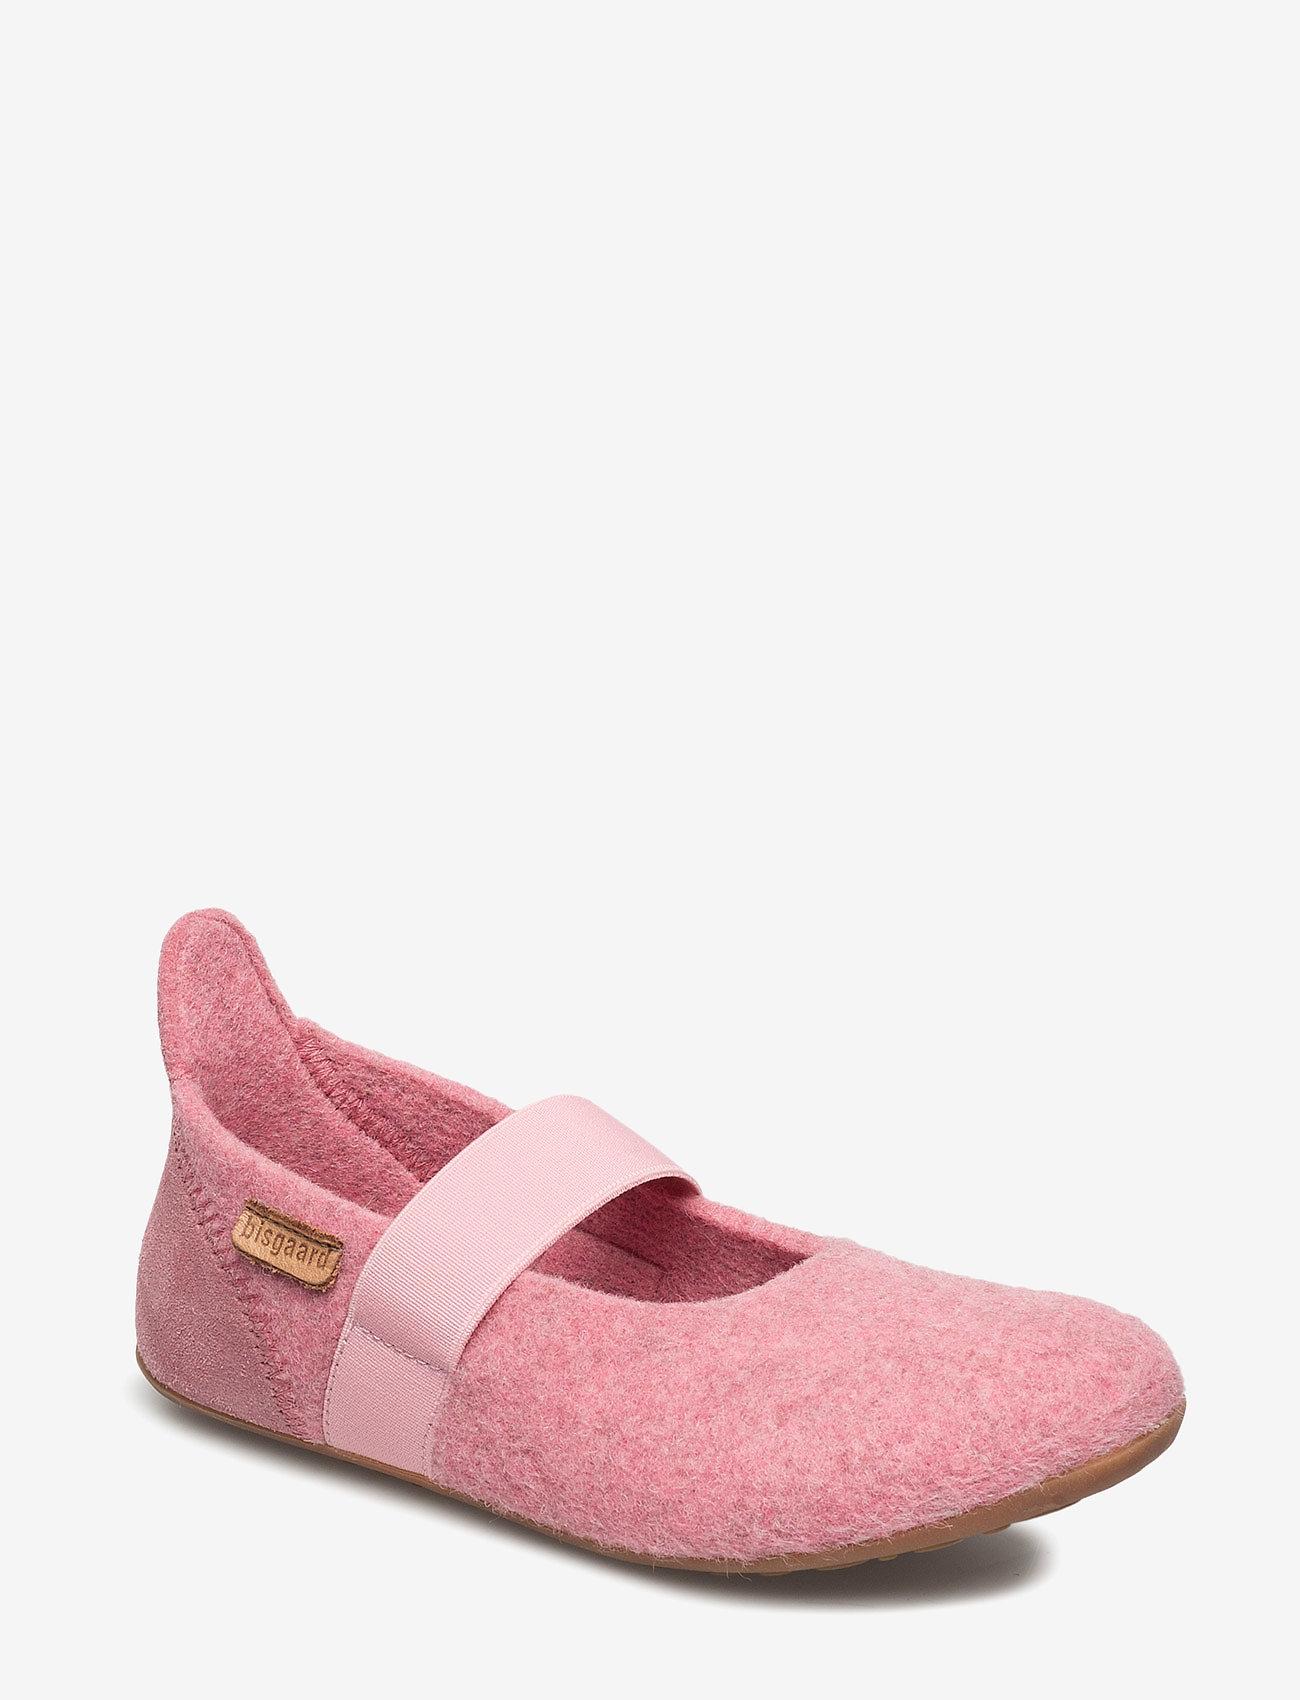 Bisgaard - bisgaard ballet wool - sko - 91 rosa - 0